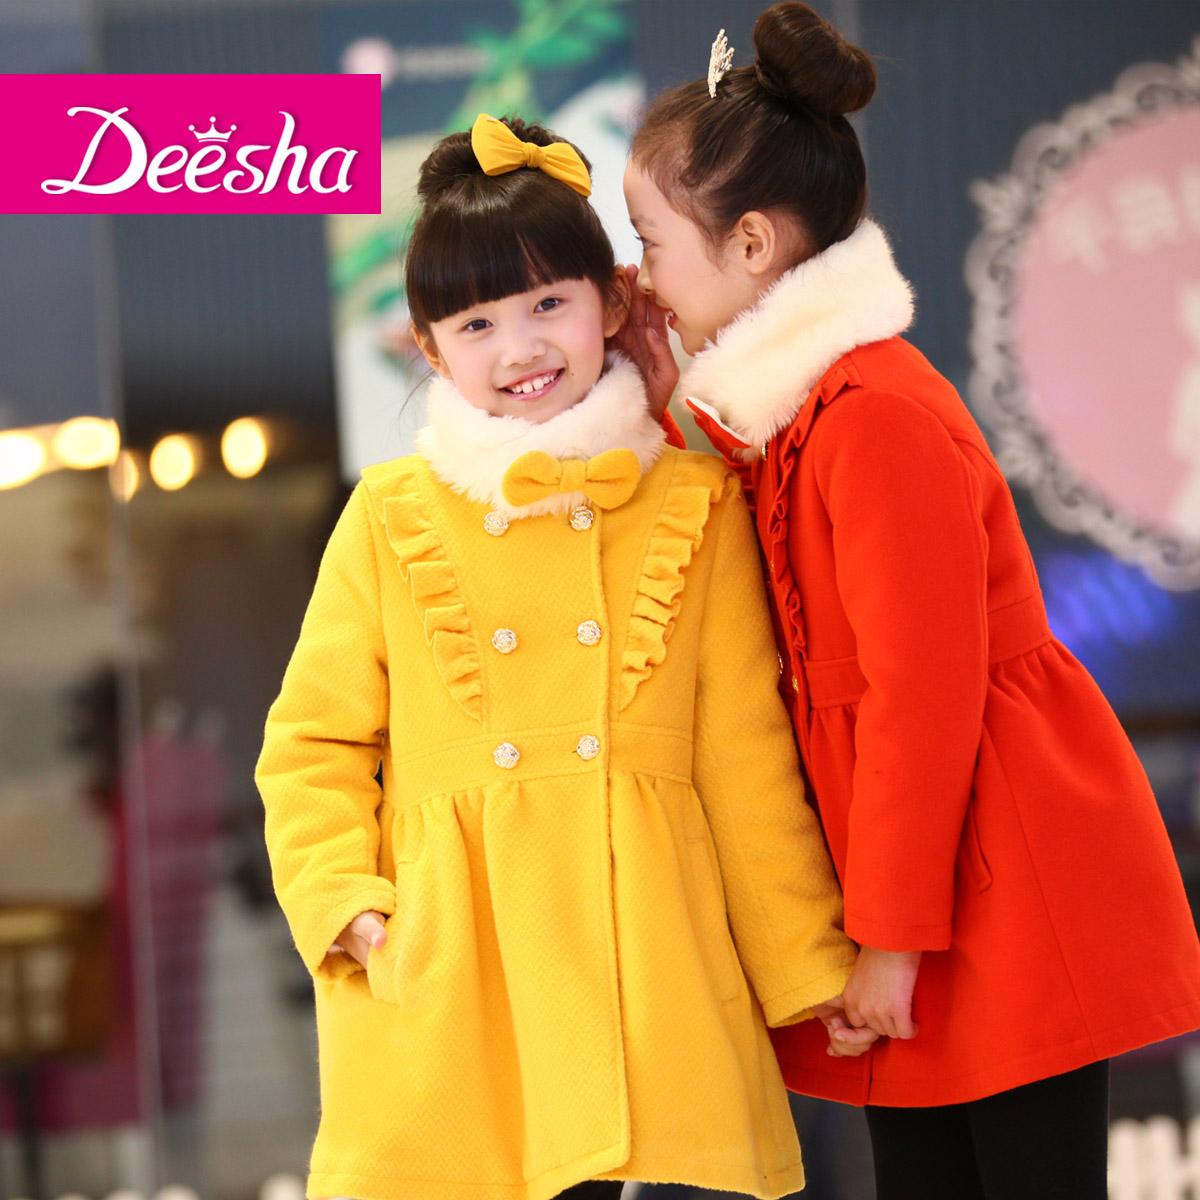 Пальто детское DEESHA 1219234 2012 Девушки Зима Смешанная ткань С подкладкой из хлопка Повседневный стиль